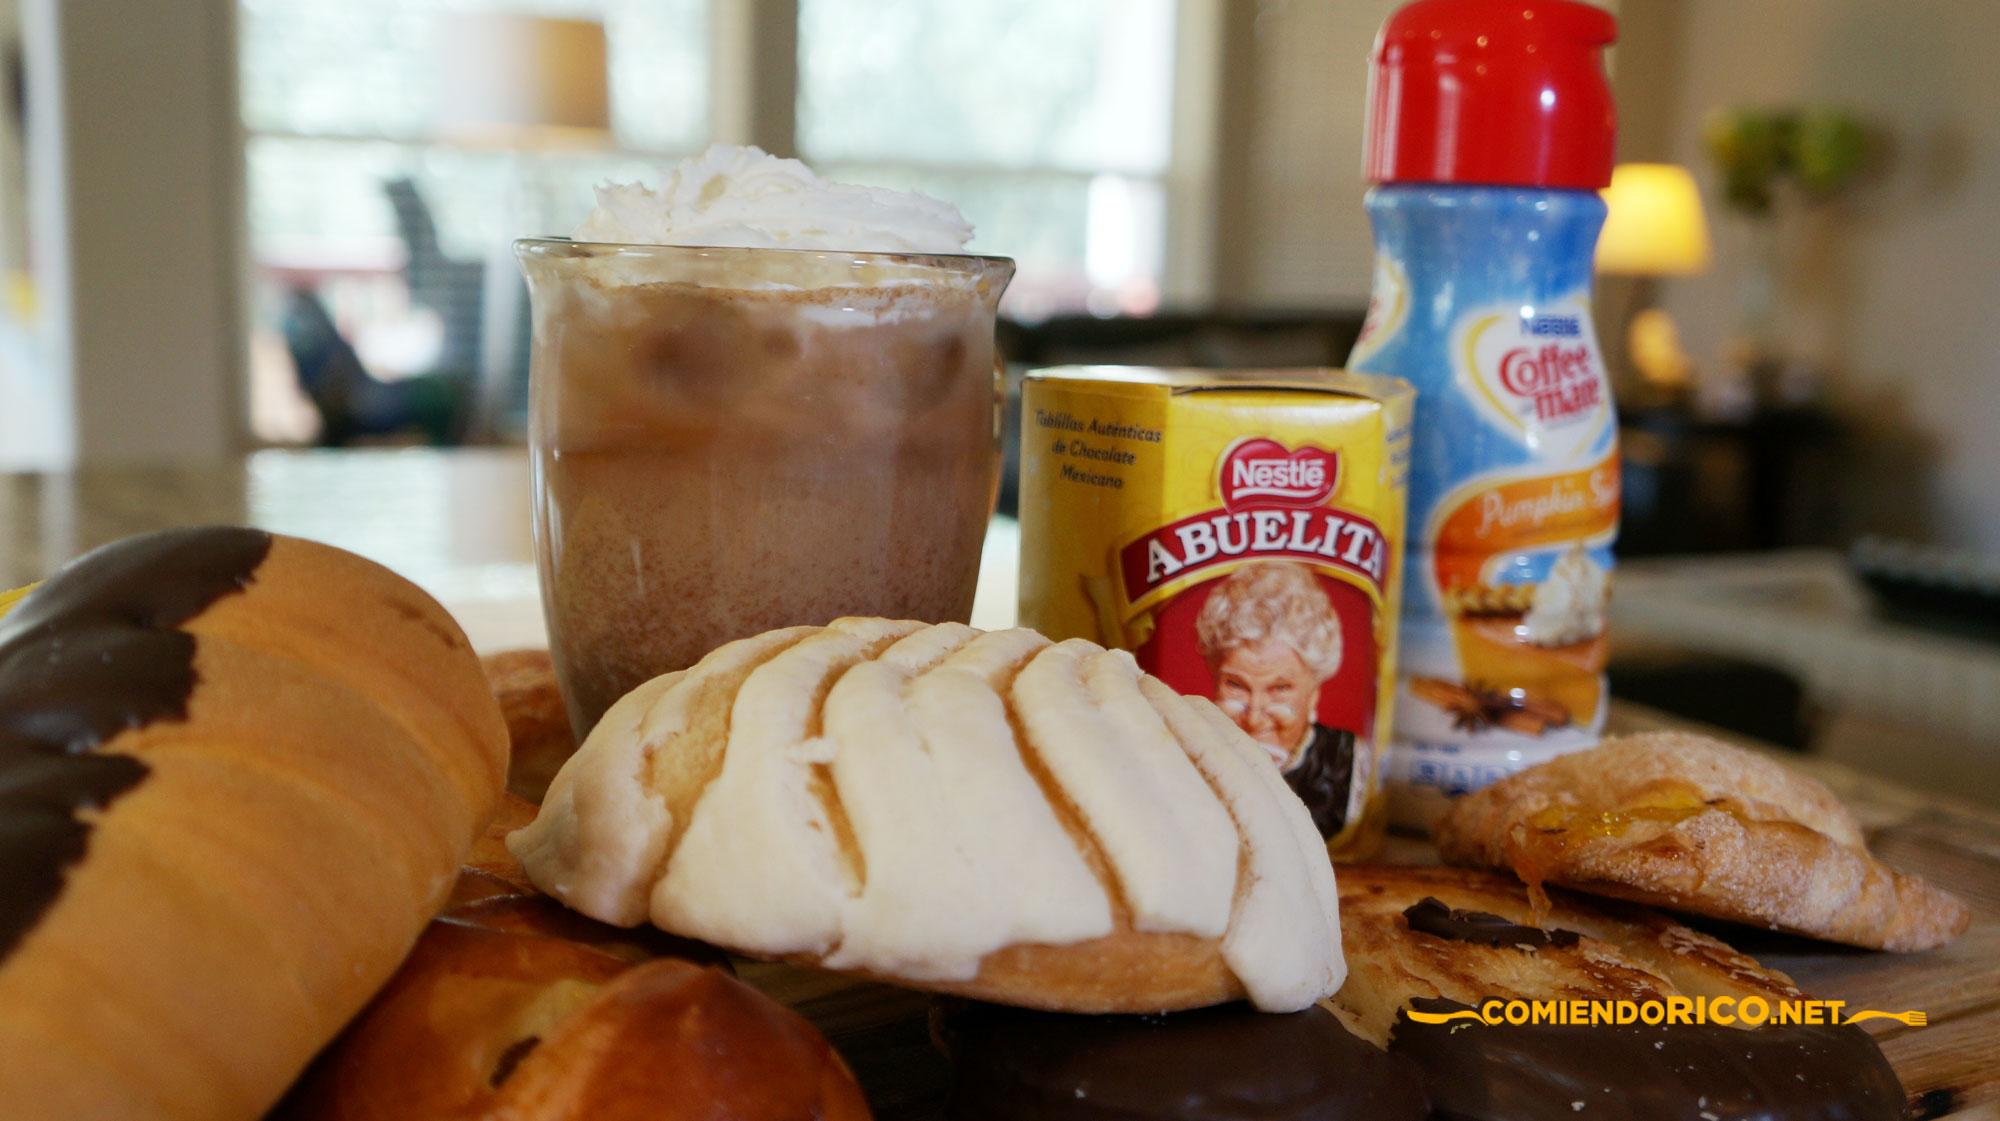 Chocolate Abulita, Comiendo Rico. Nestle